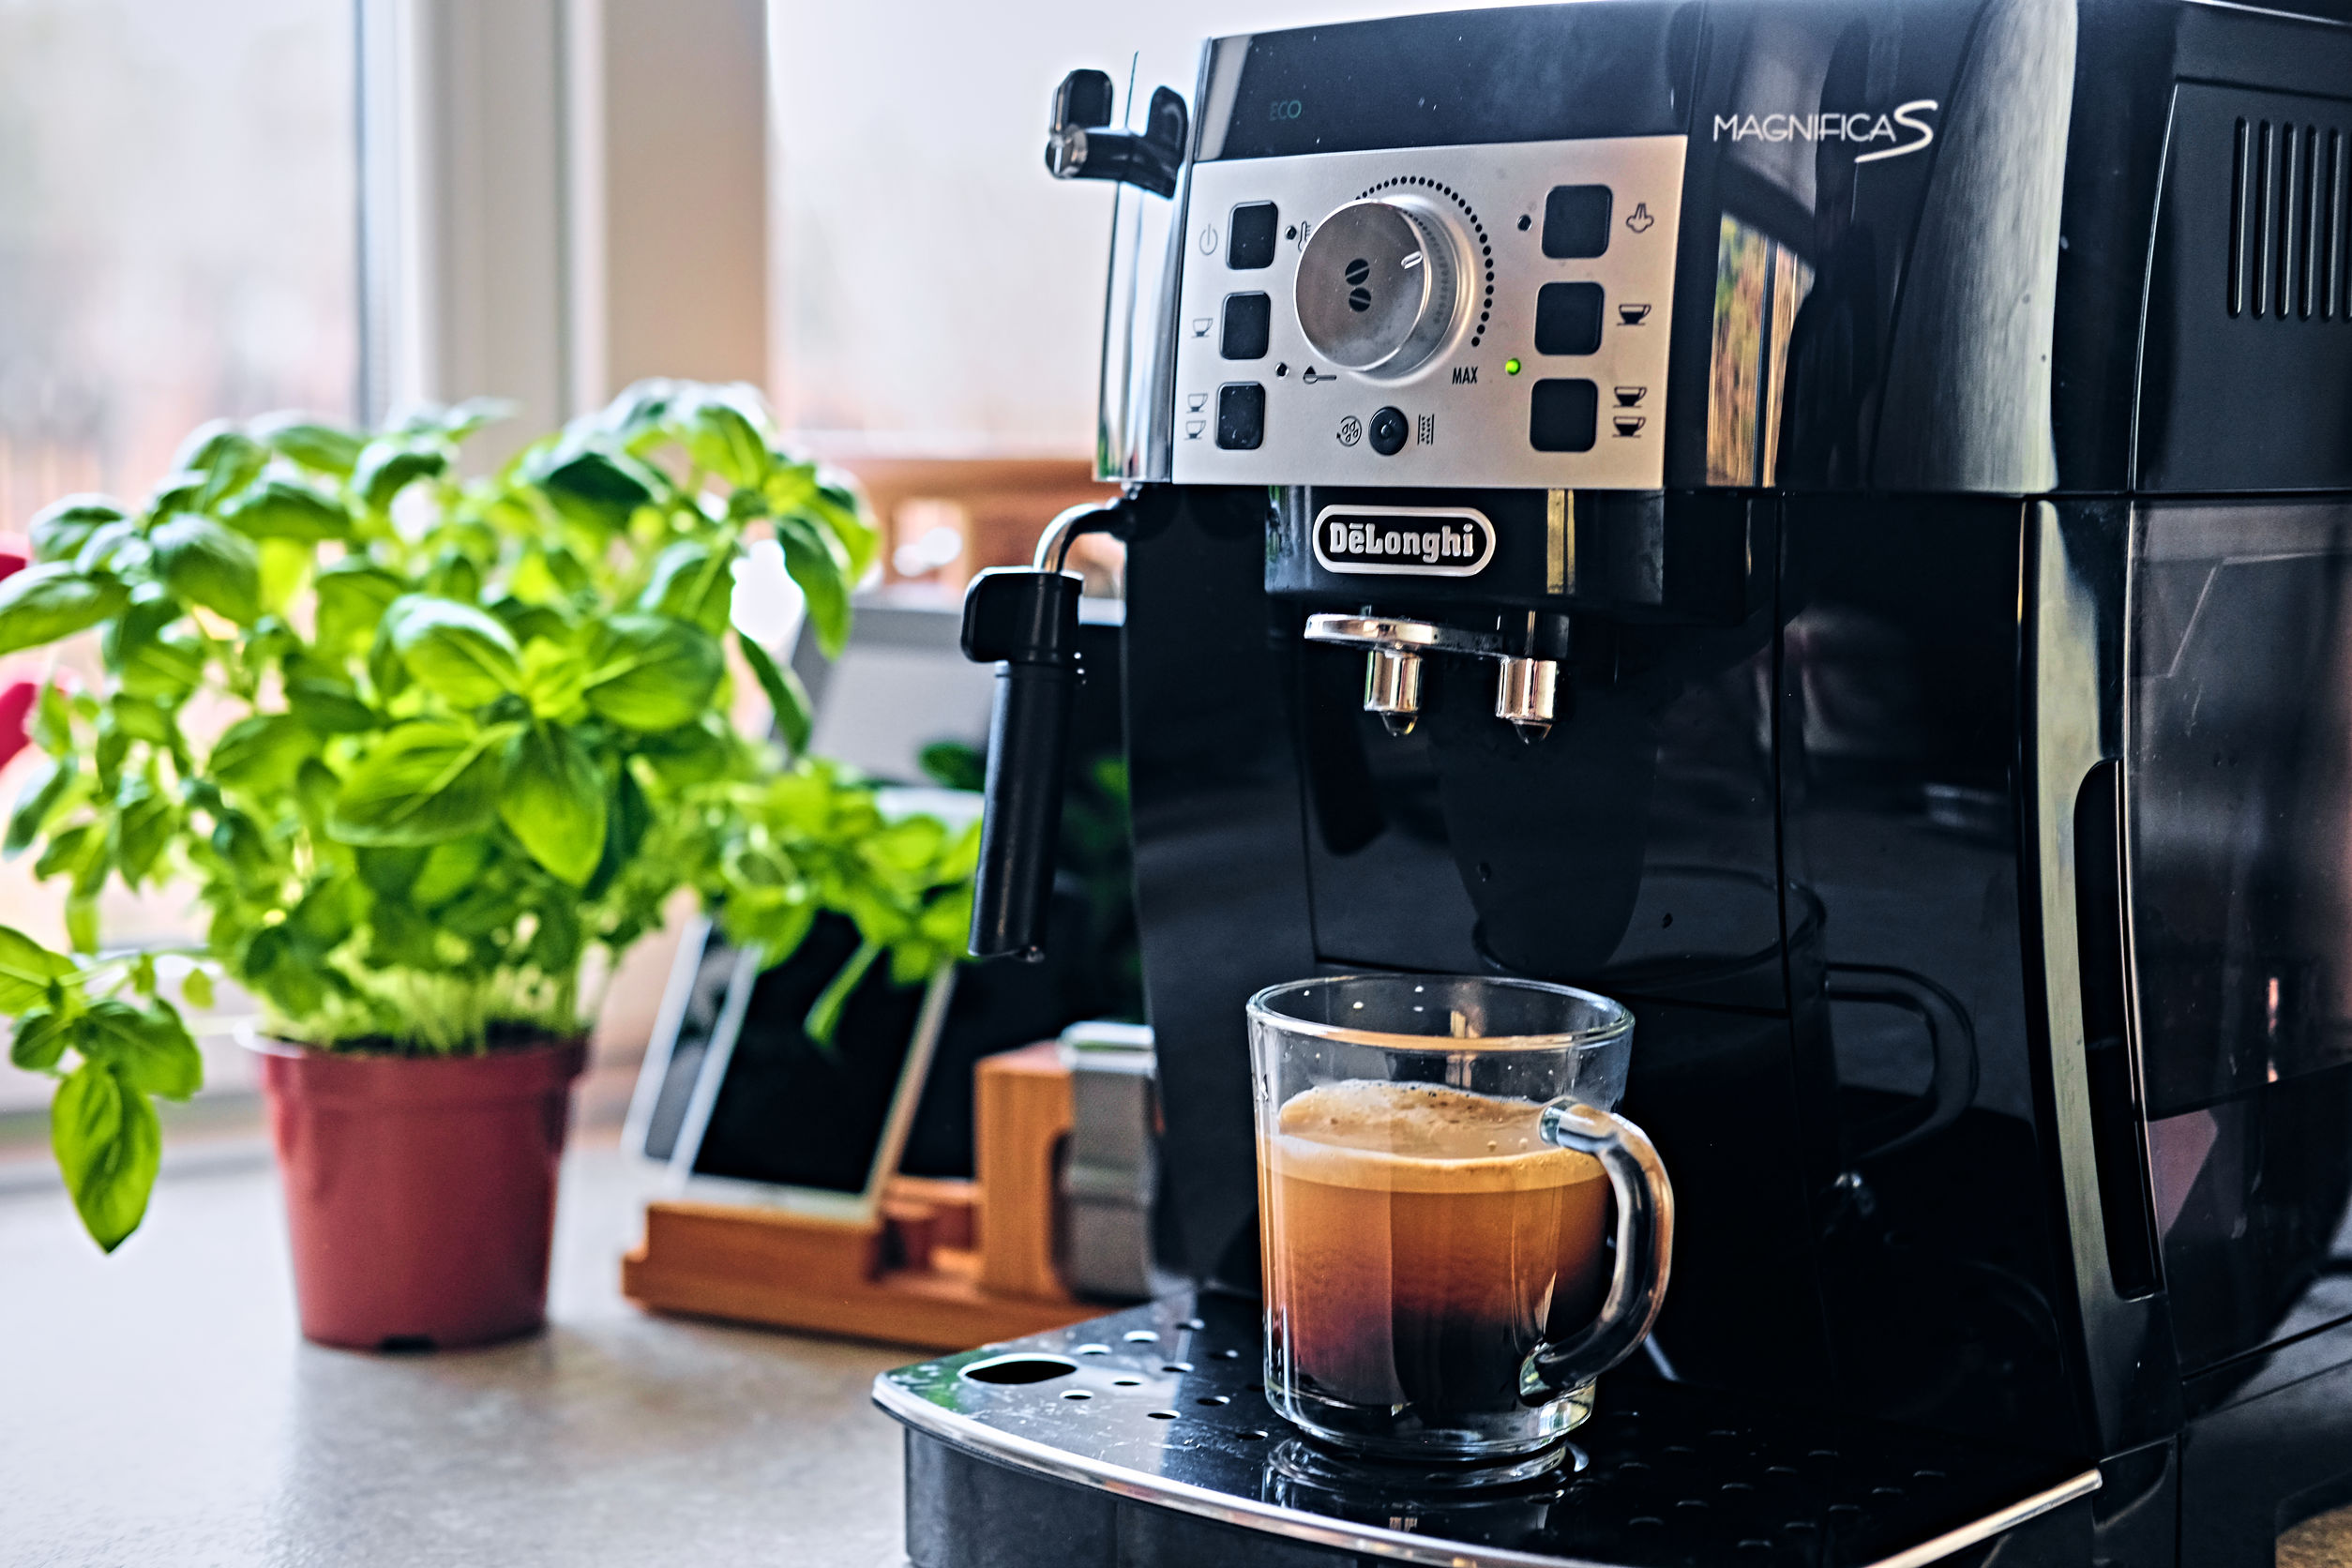 preparando café en cafetera delonghi